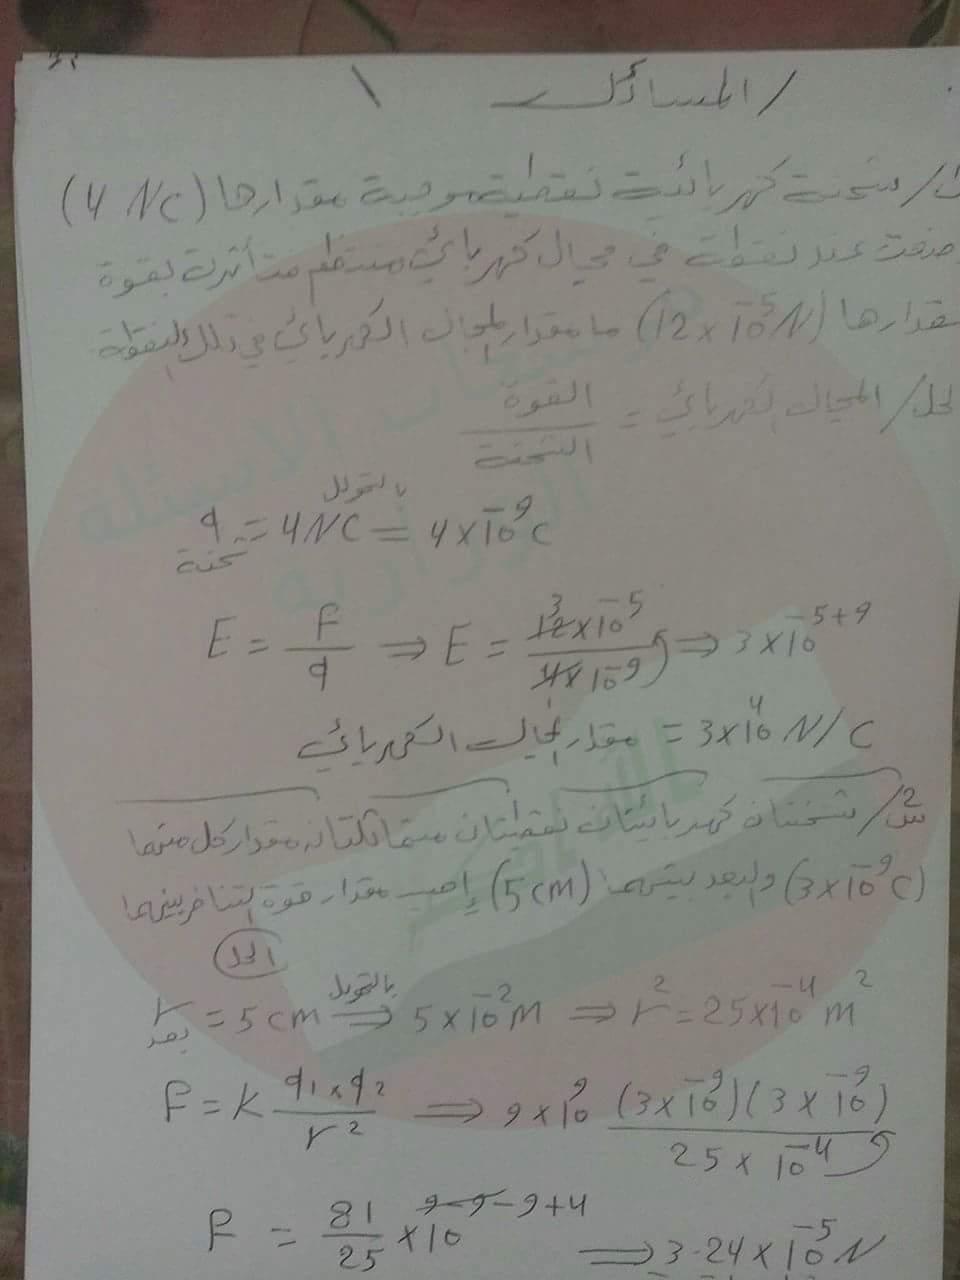 مرشحات مهمة مادة الفيزياء للصف الثالث متوسط مع الحلول 2019  - صفحة 4 FB_IMG_1465853933330